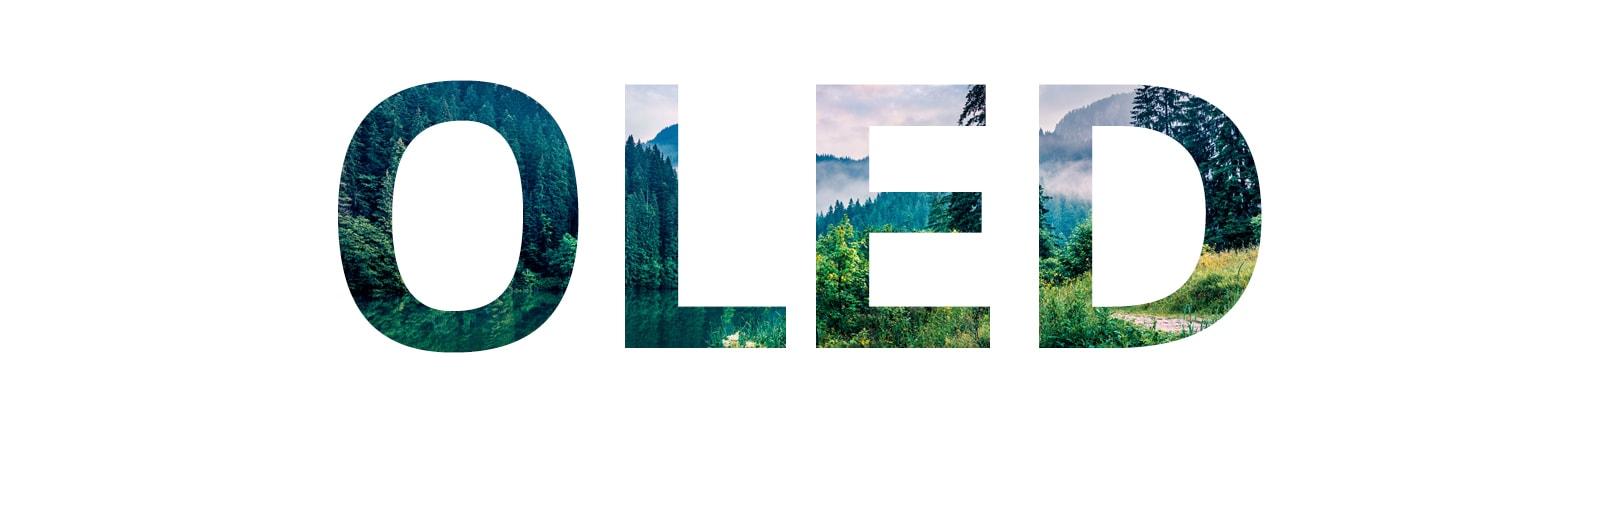 """La parola """"OLED"""", dove un'immagine della natura scorre da destra (guarda il video)"""